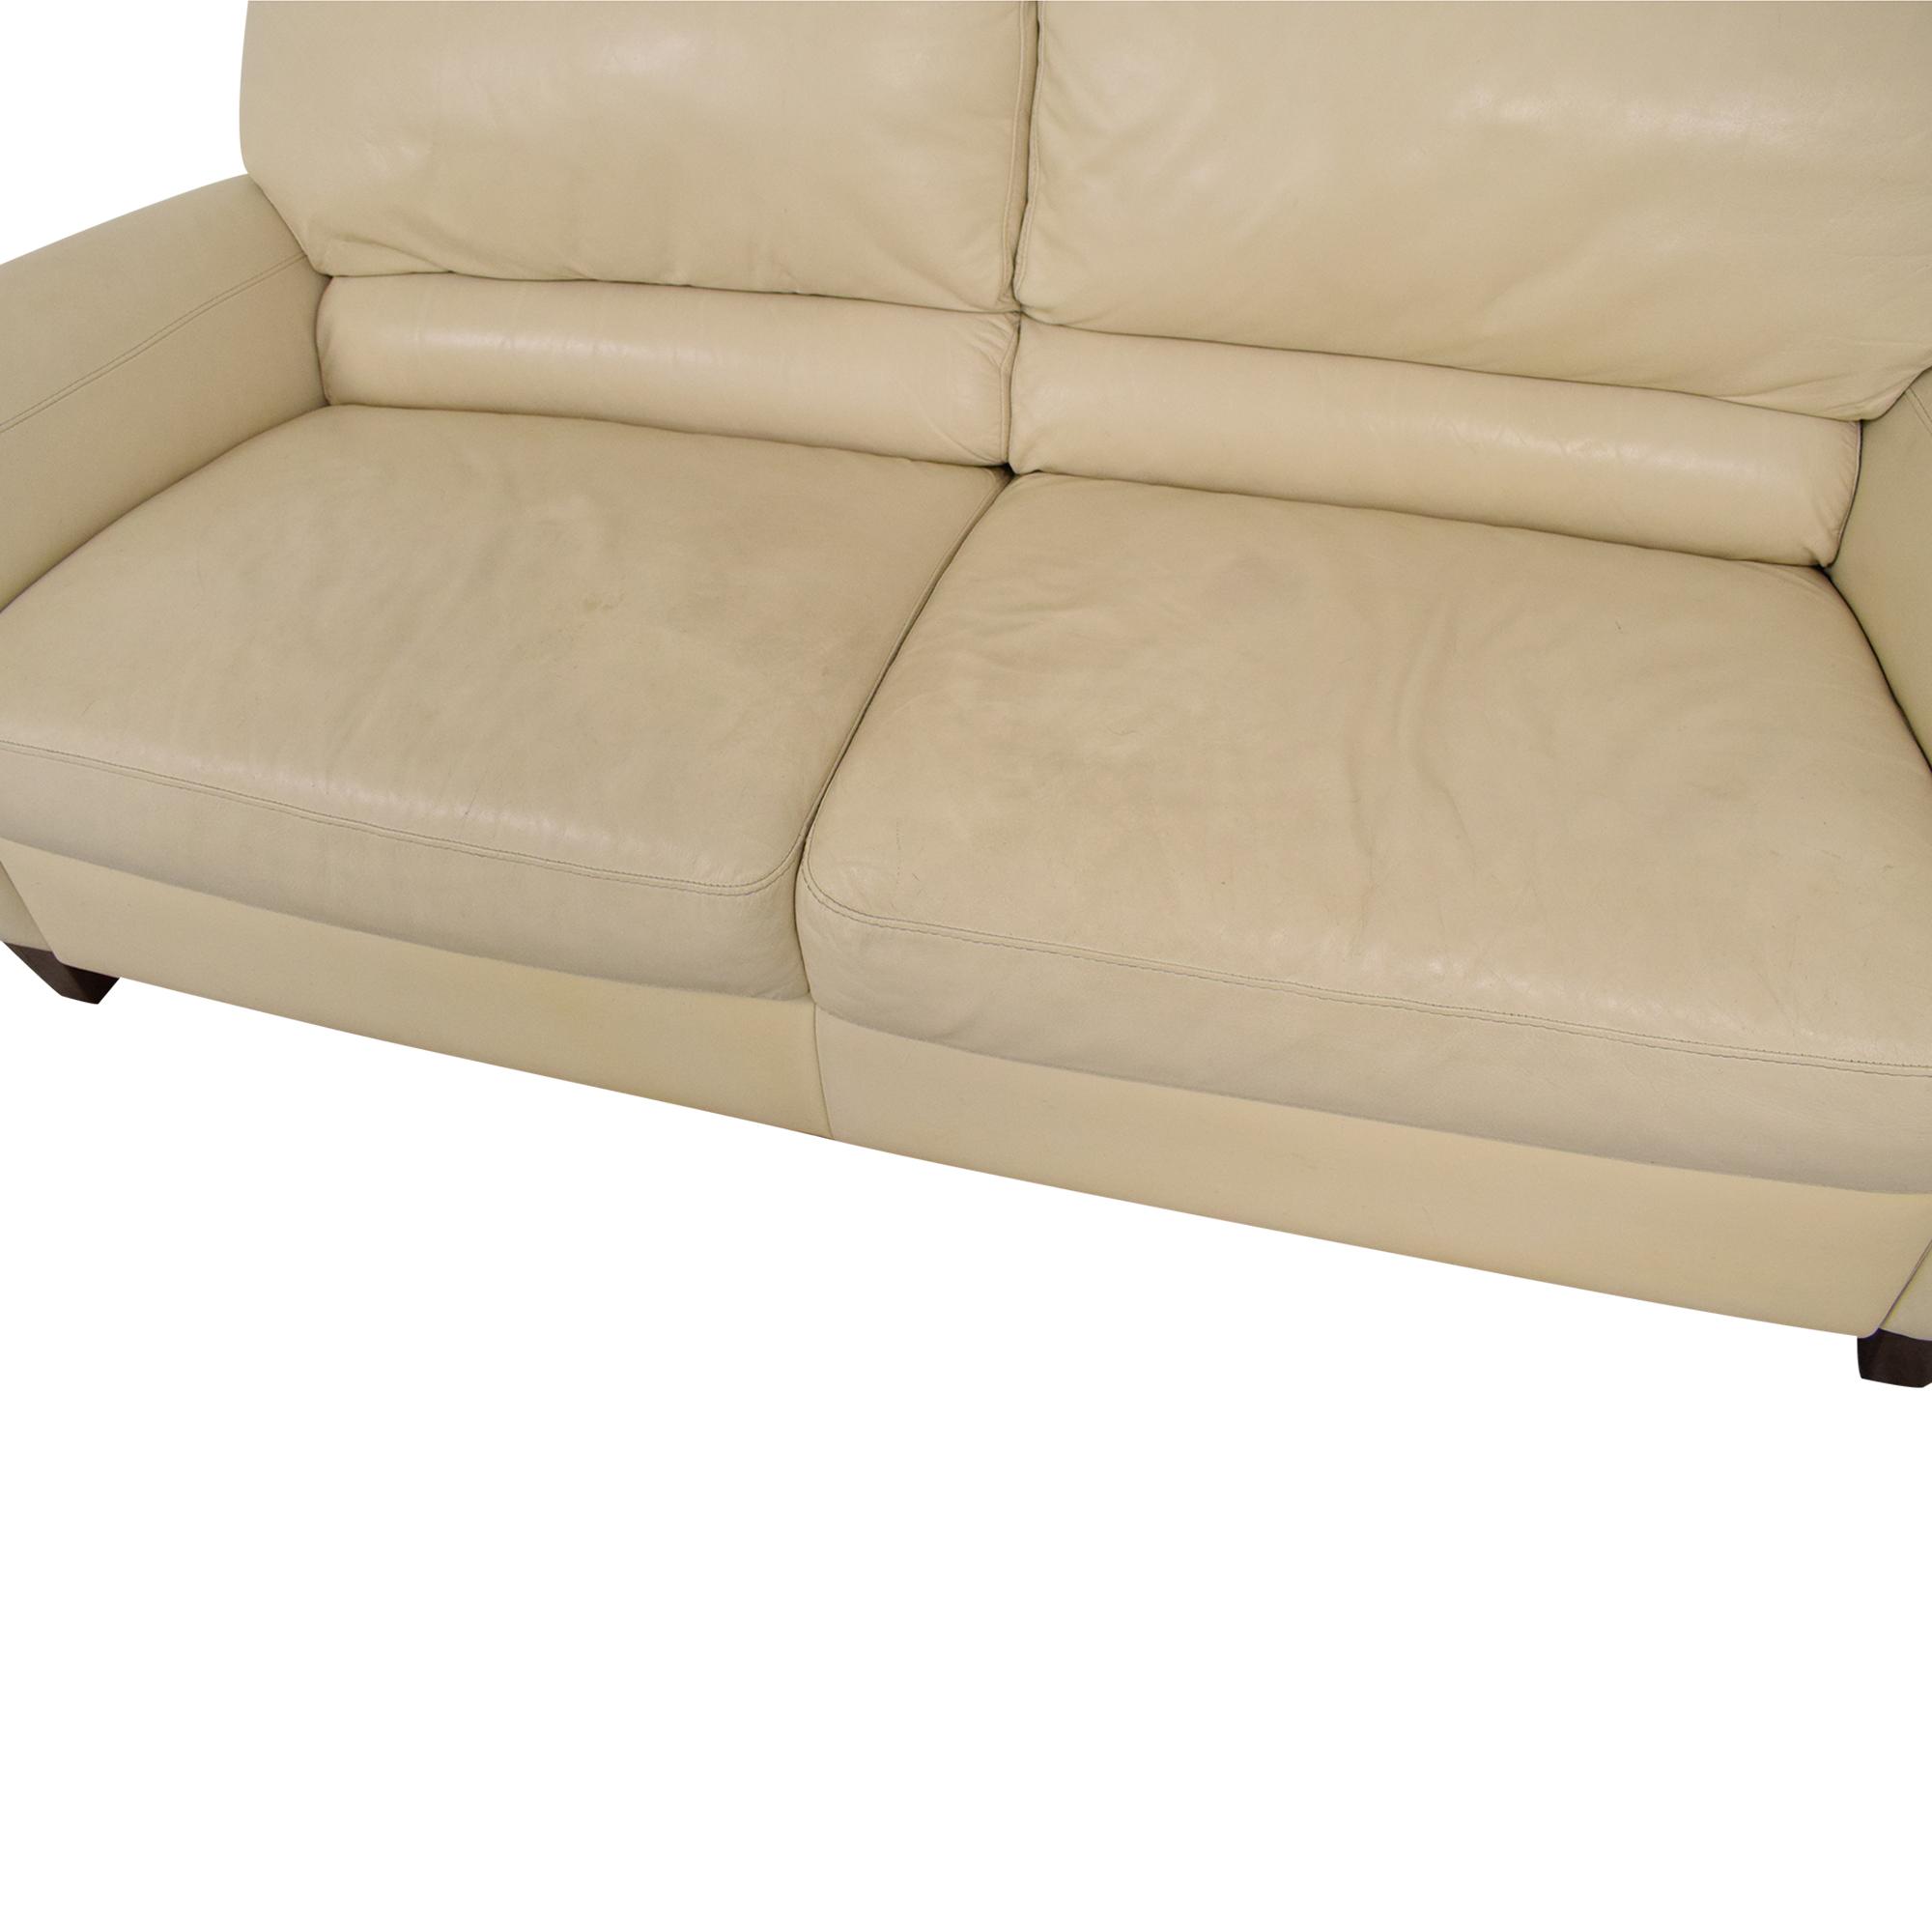 Macy's Macy's Italsofa Two Cushion Sofa Cream